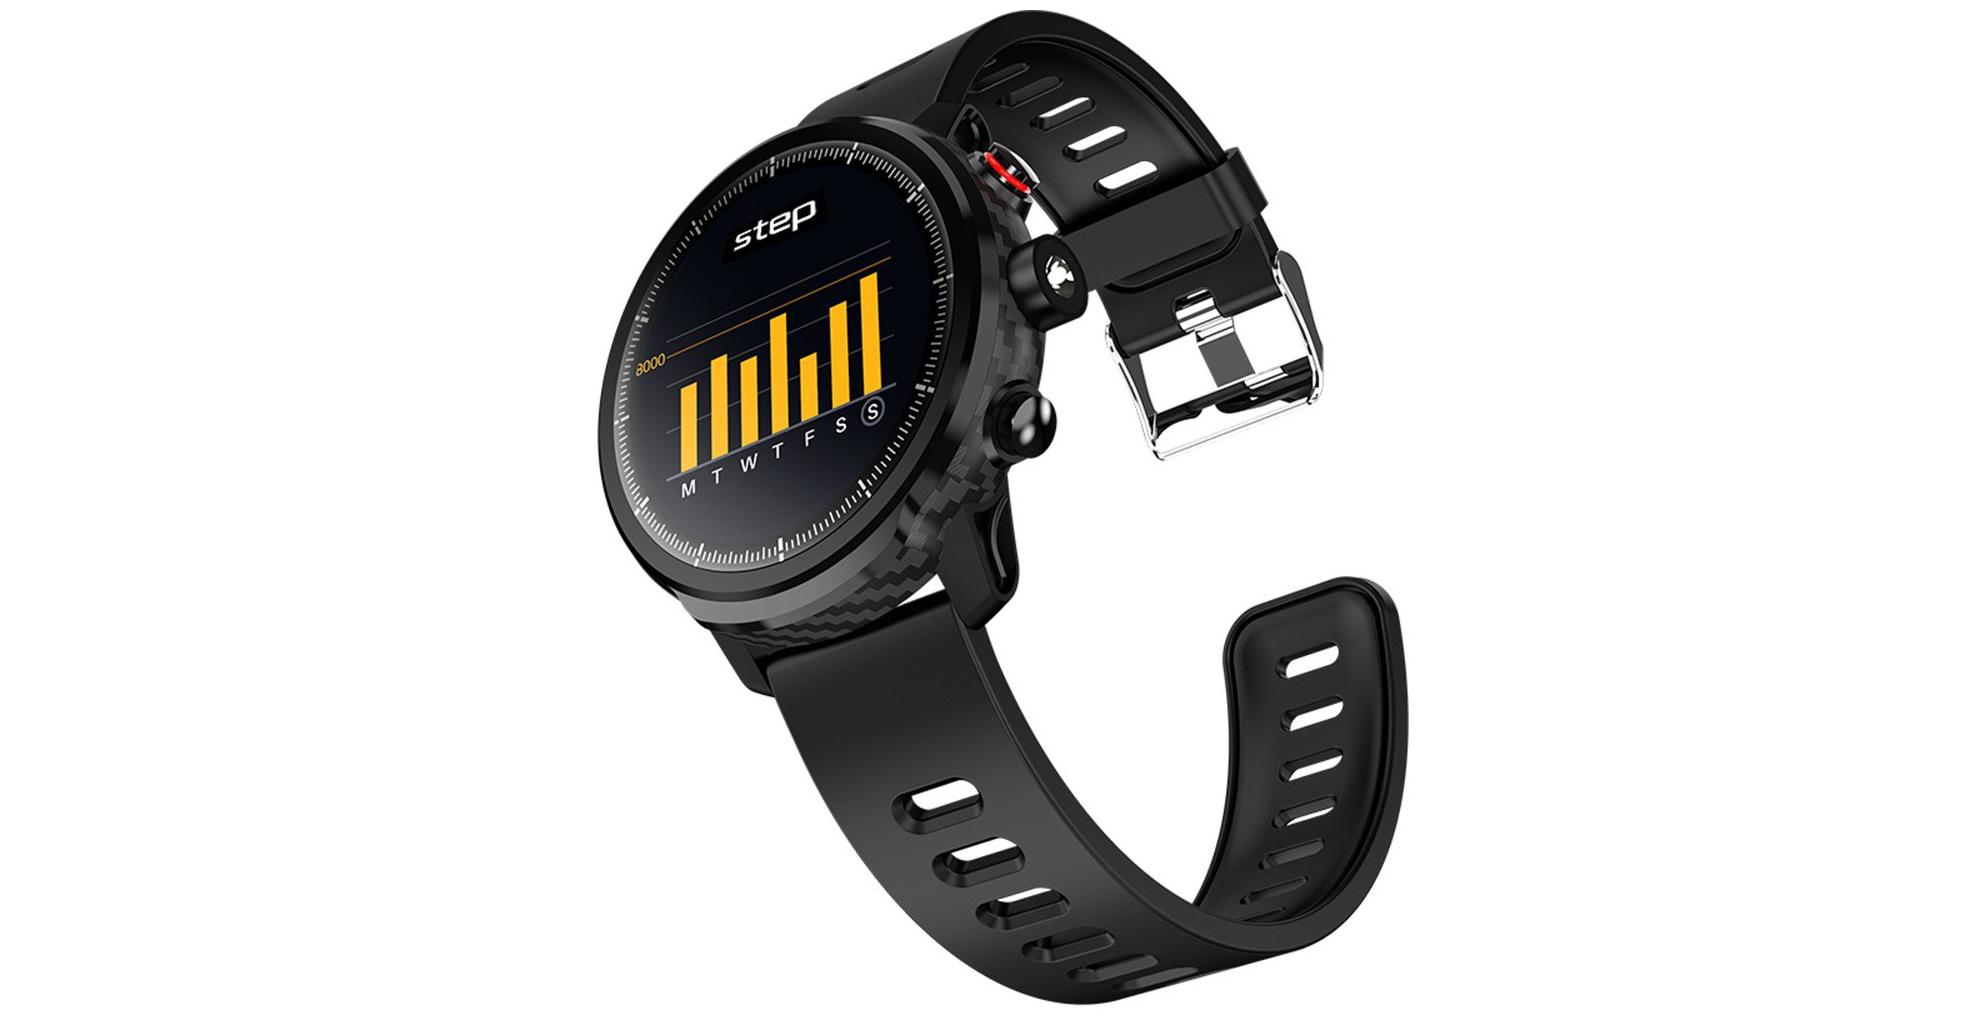 Chytré hodinky L5 s TOP funkcemi jen nyní za pár kaček! [sponzorovaný článek]